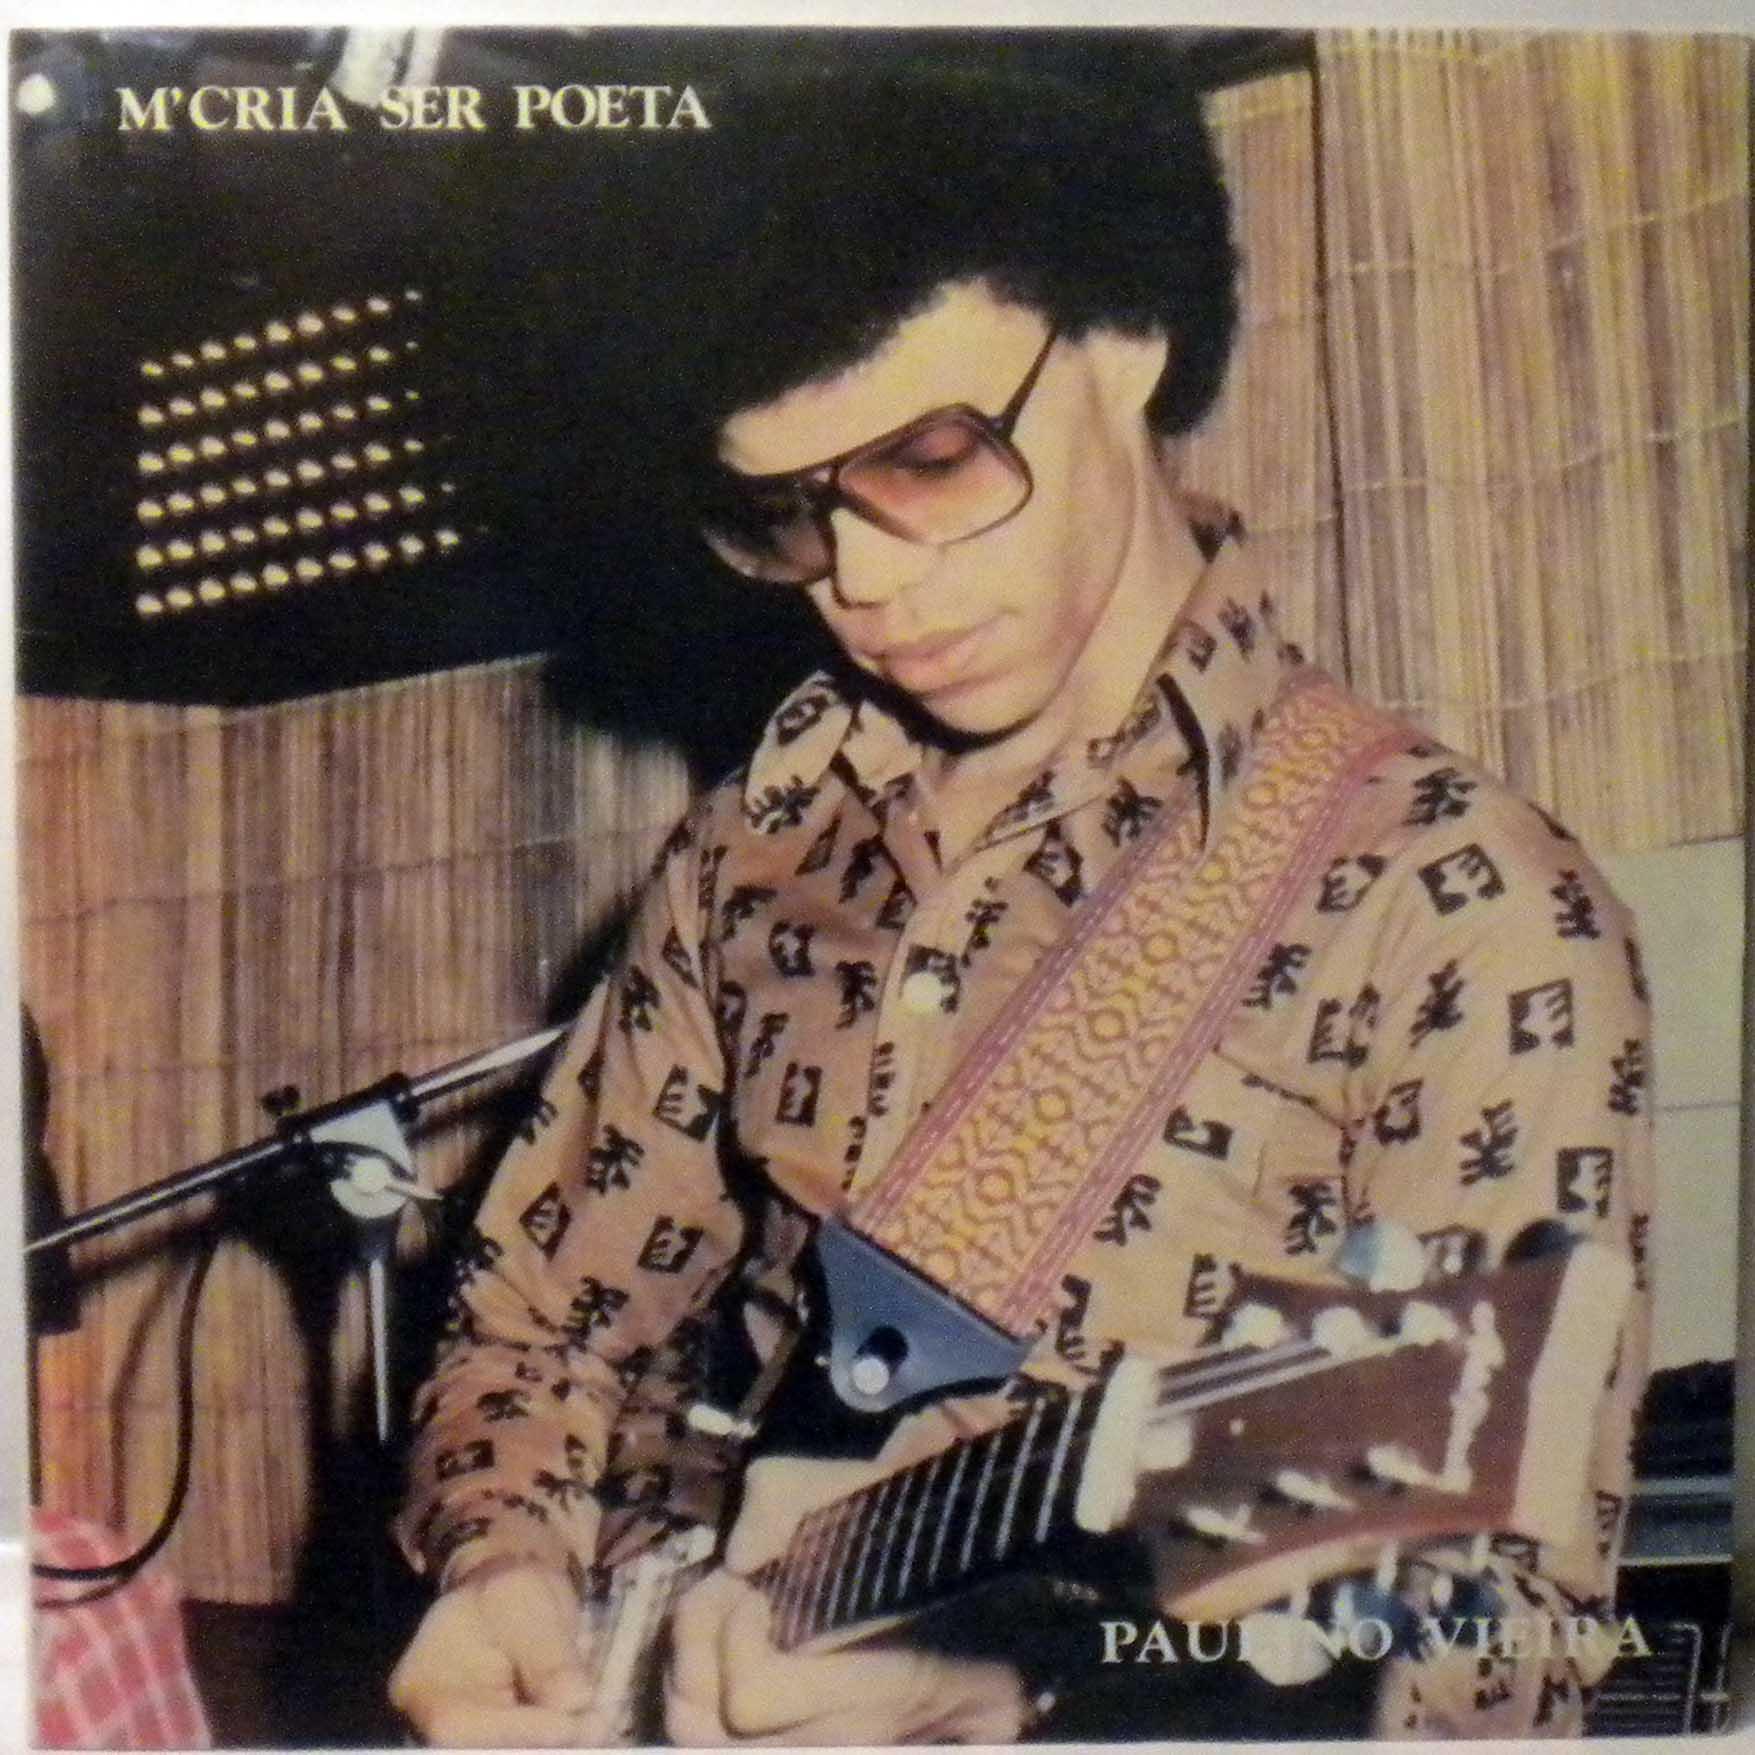 PAULINO VIEIRA - M'cria ser poeta - LP